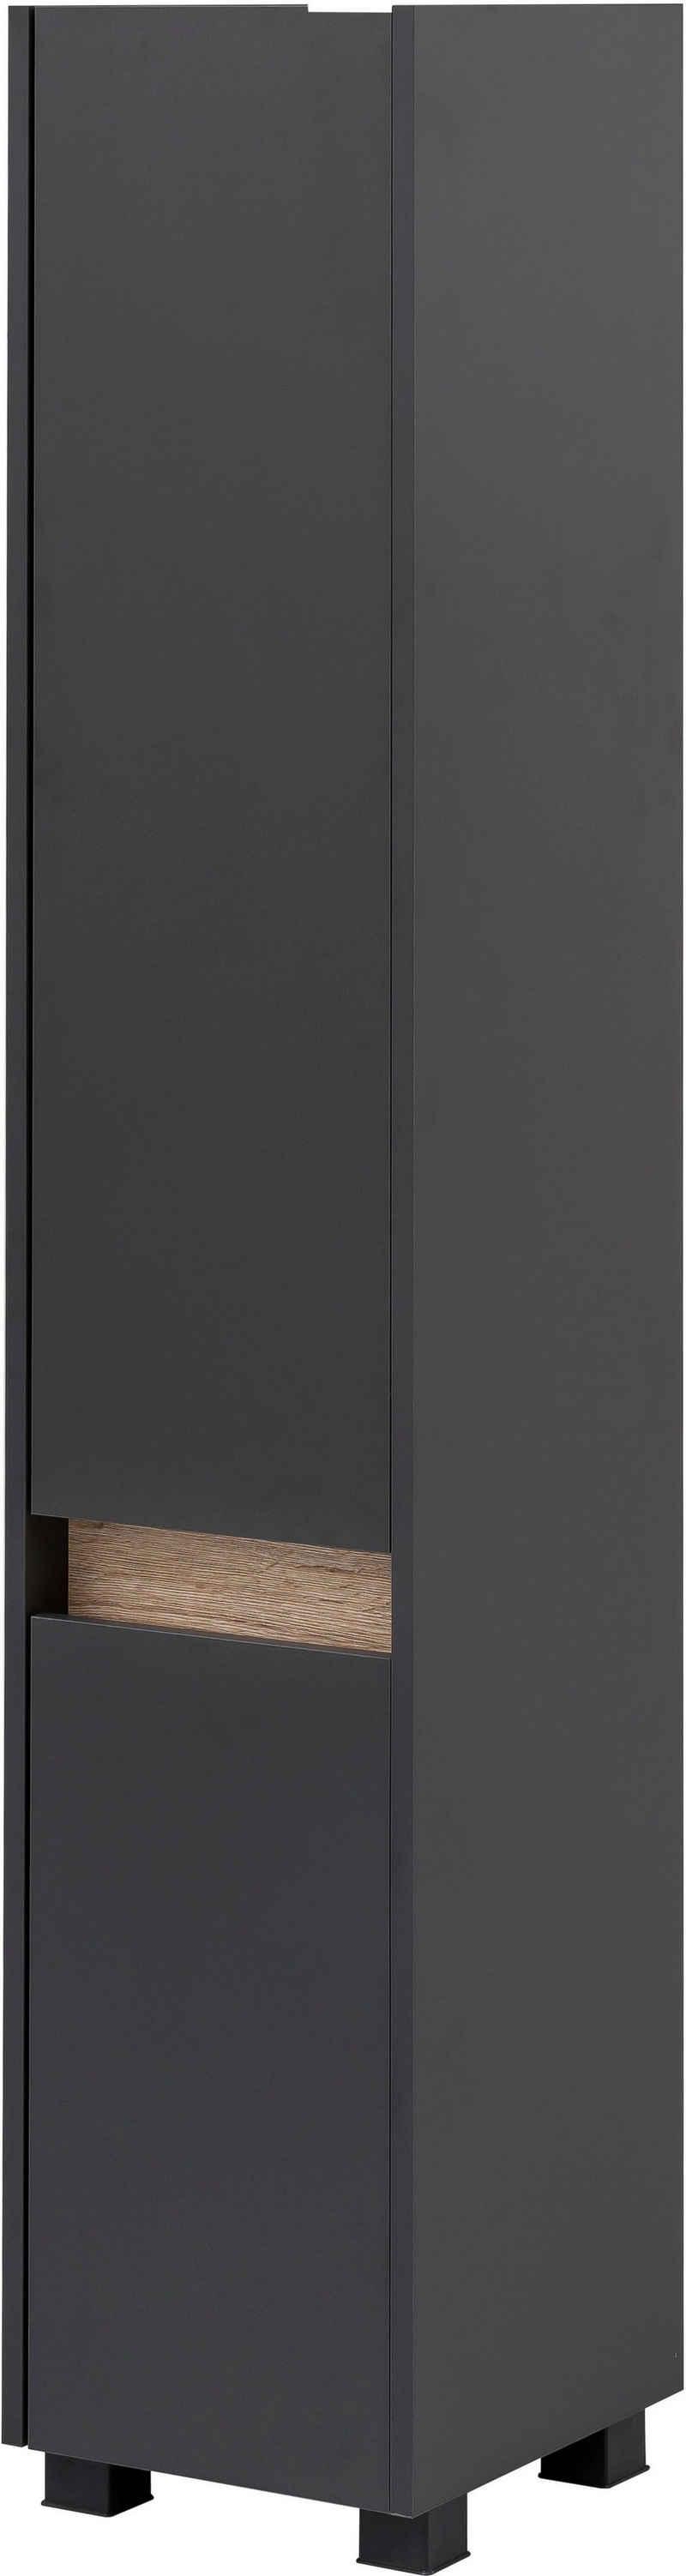 Schildmeyer Hochschrank »Cosmo« Höhe 164,5 cm, Badezimmerschrank mit griffloser Optik, Blende im modernen Wildeiche-Look, wechselbarer Türanschlag